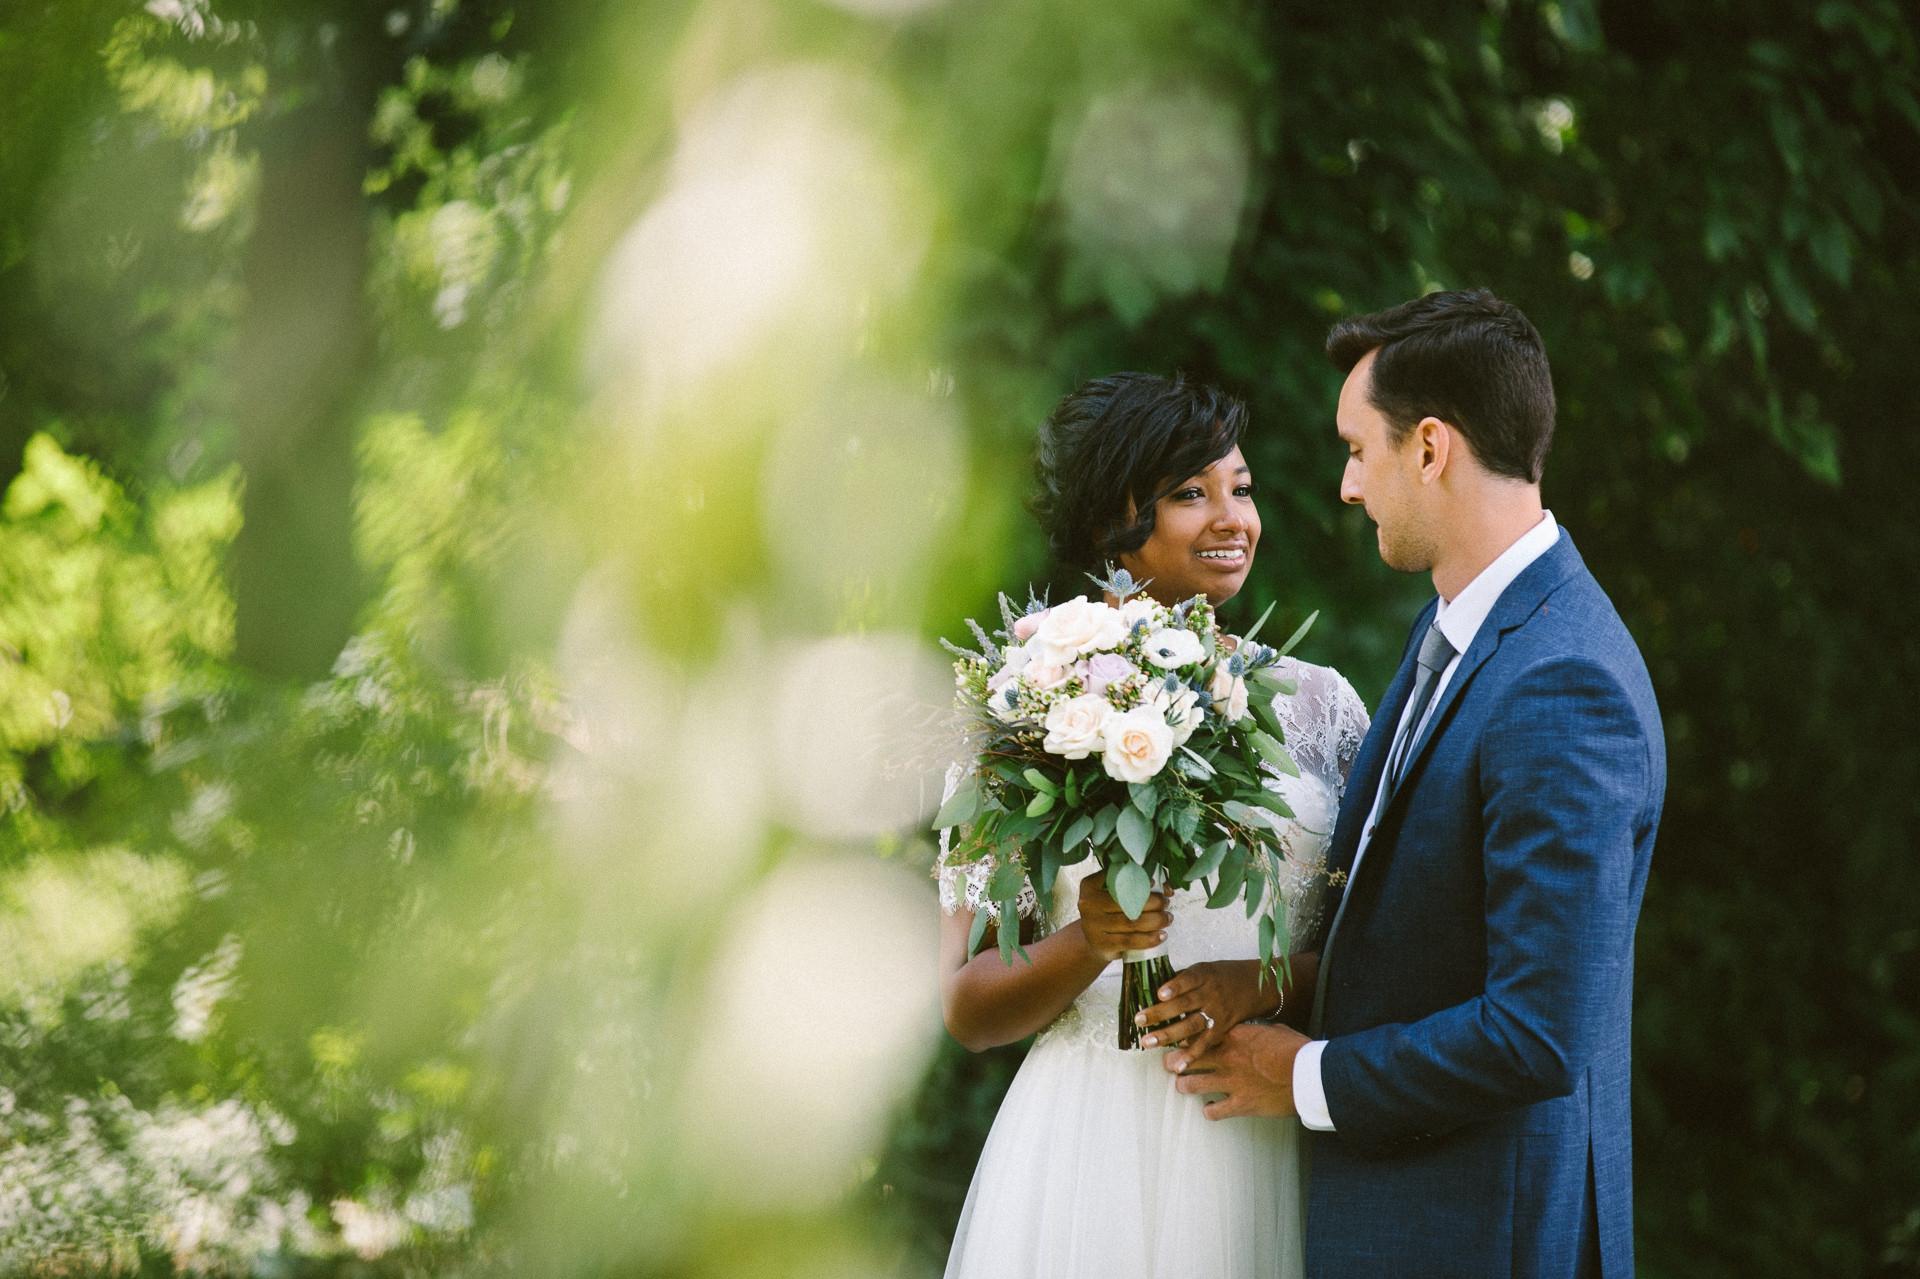 Gervasi Wedding Photographer in Canton Ohio 28.jpg